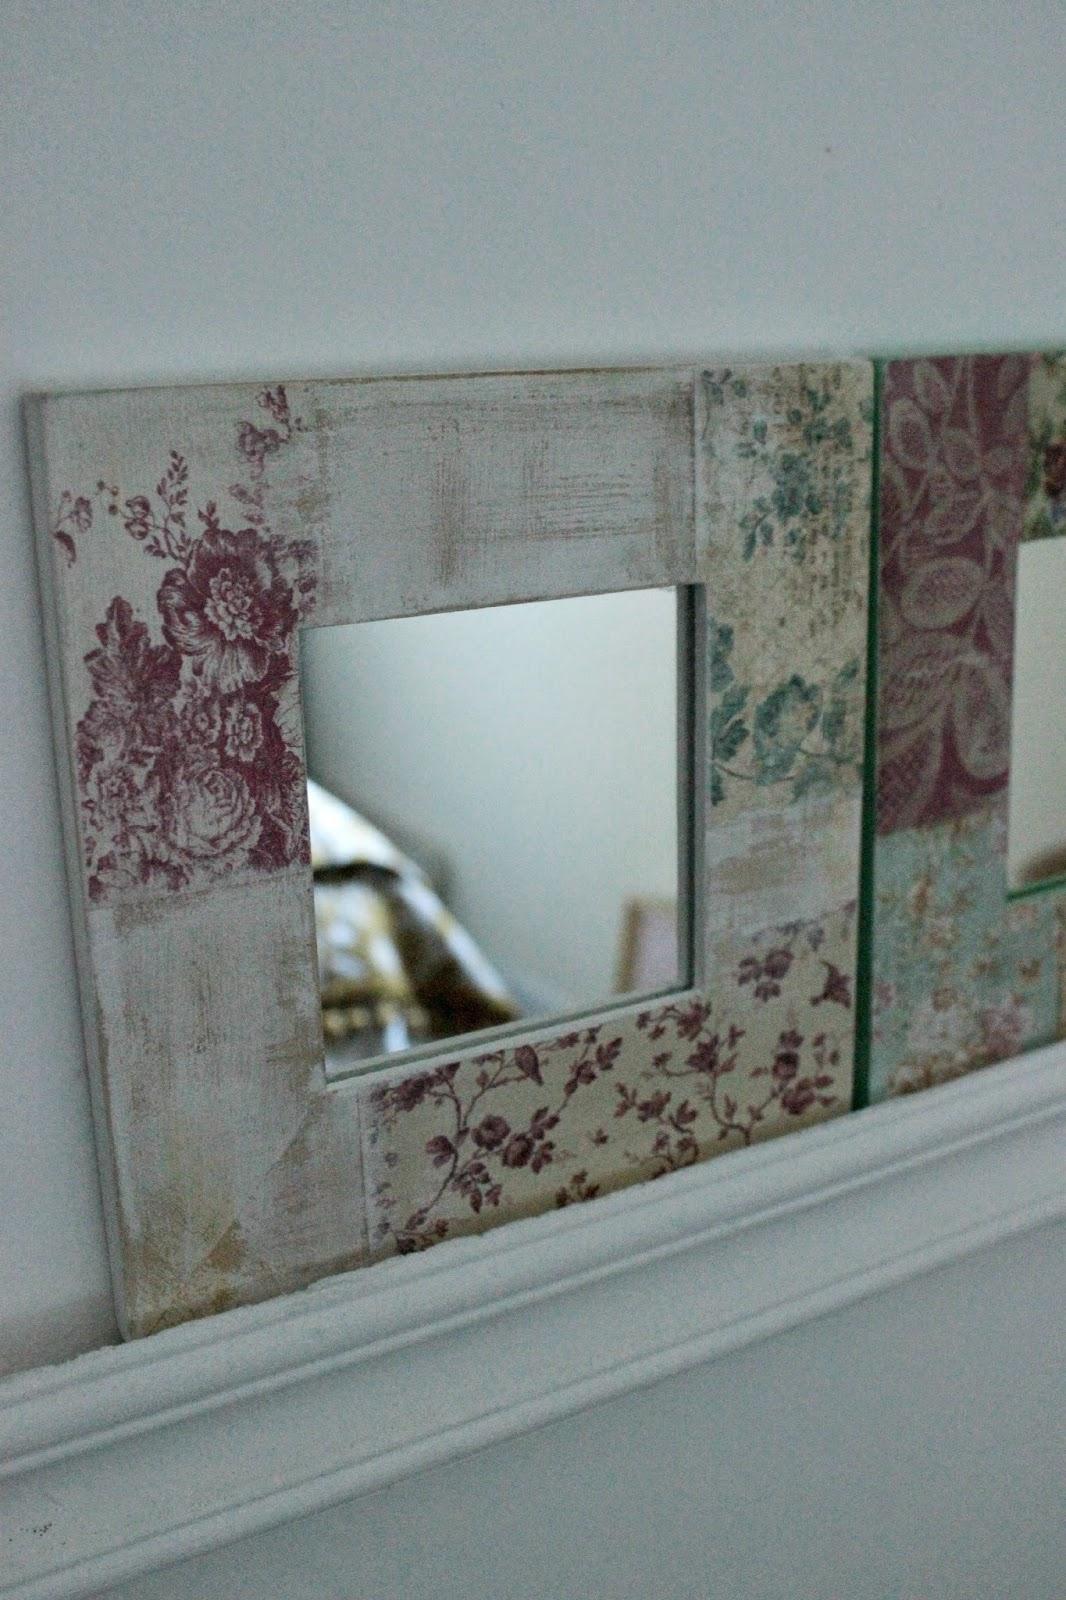 Tienda la florinda espejitos cuadrados for Espejos con marcos decorados